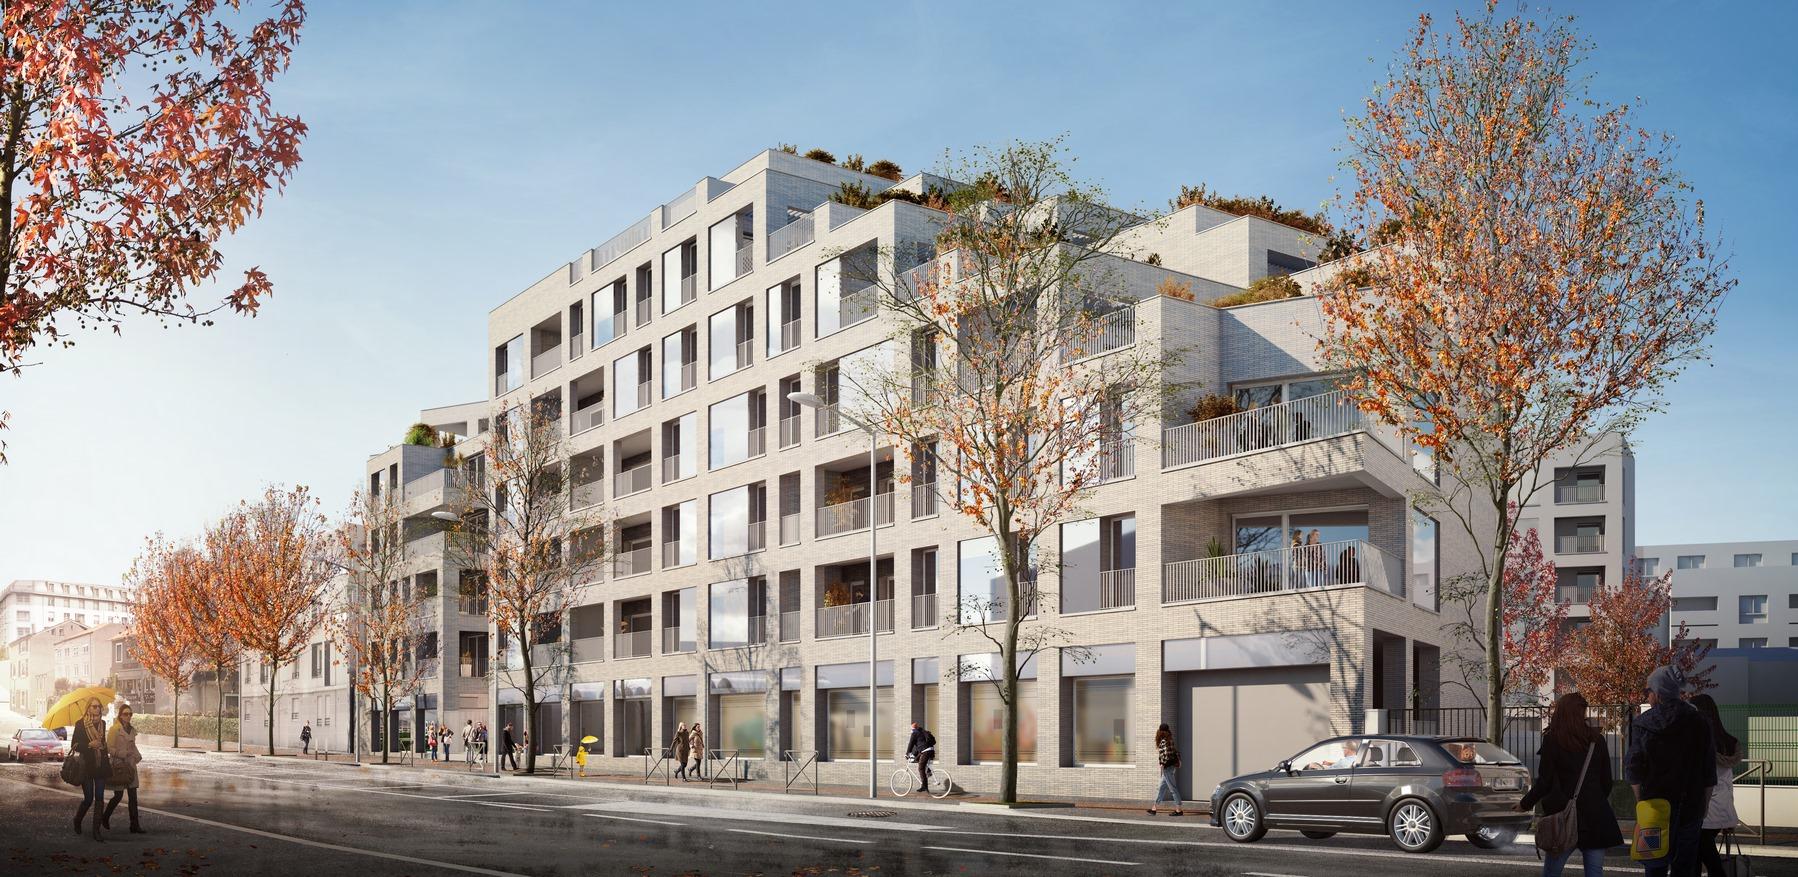 Les Hauts de Cuire - Caluire - Logements - Z Architecture